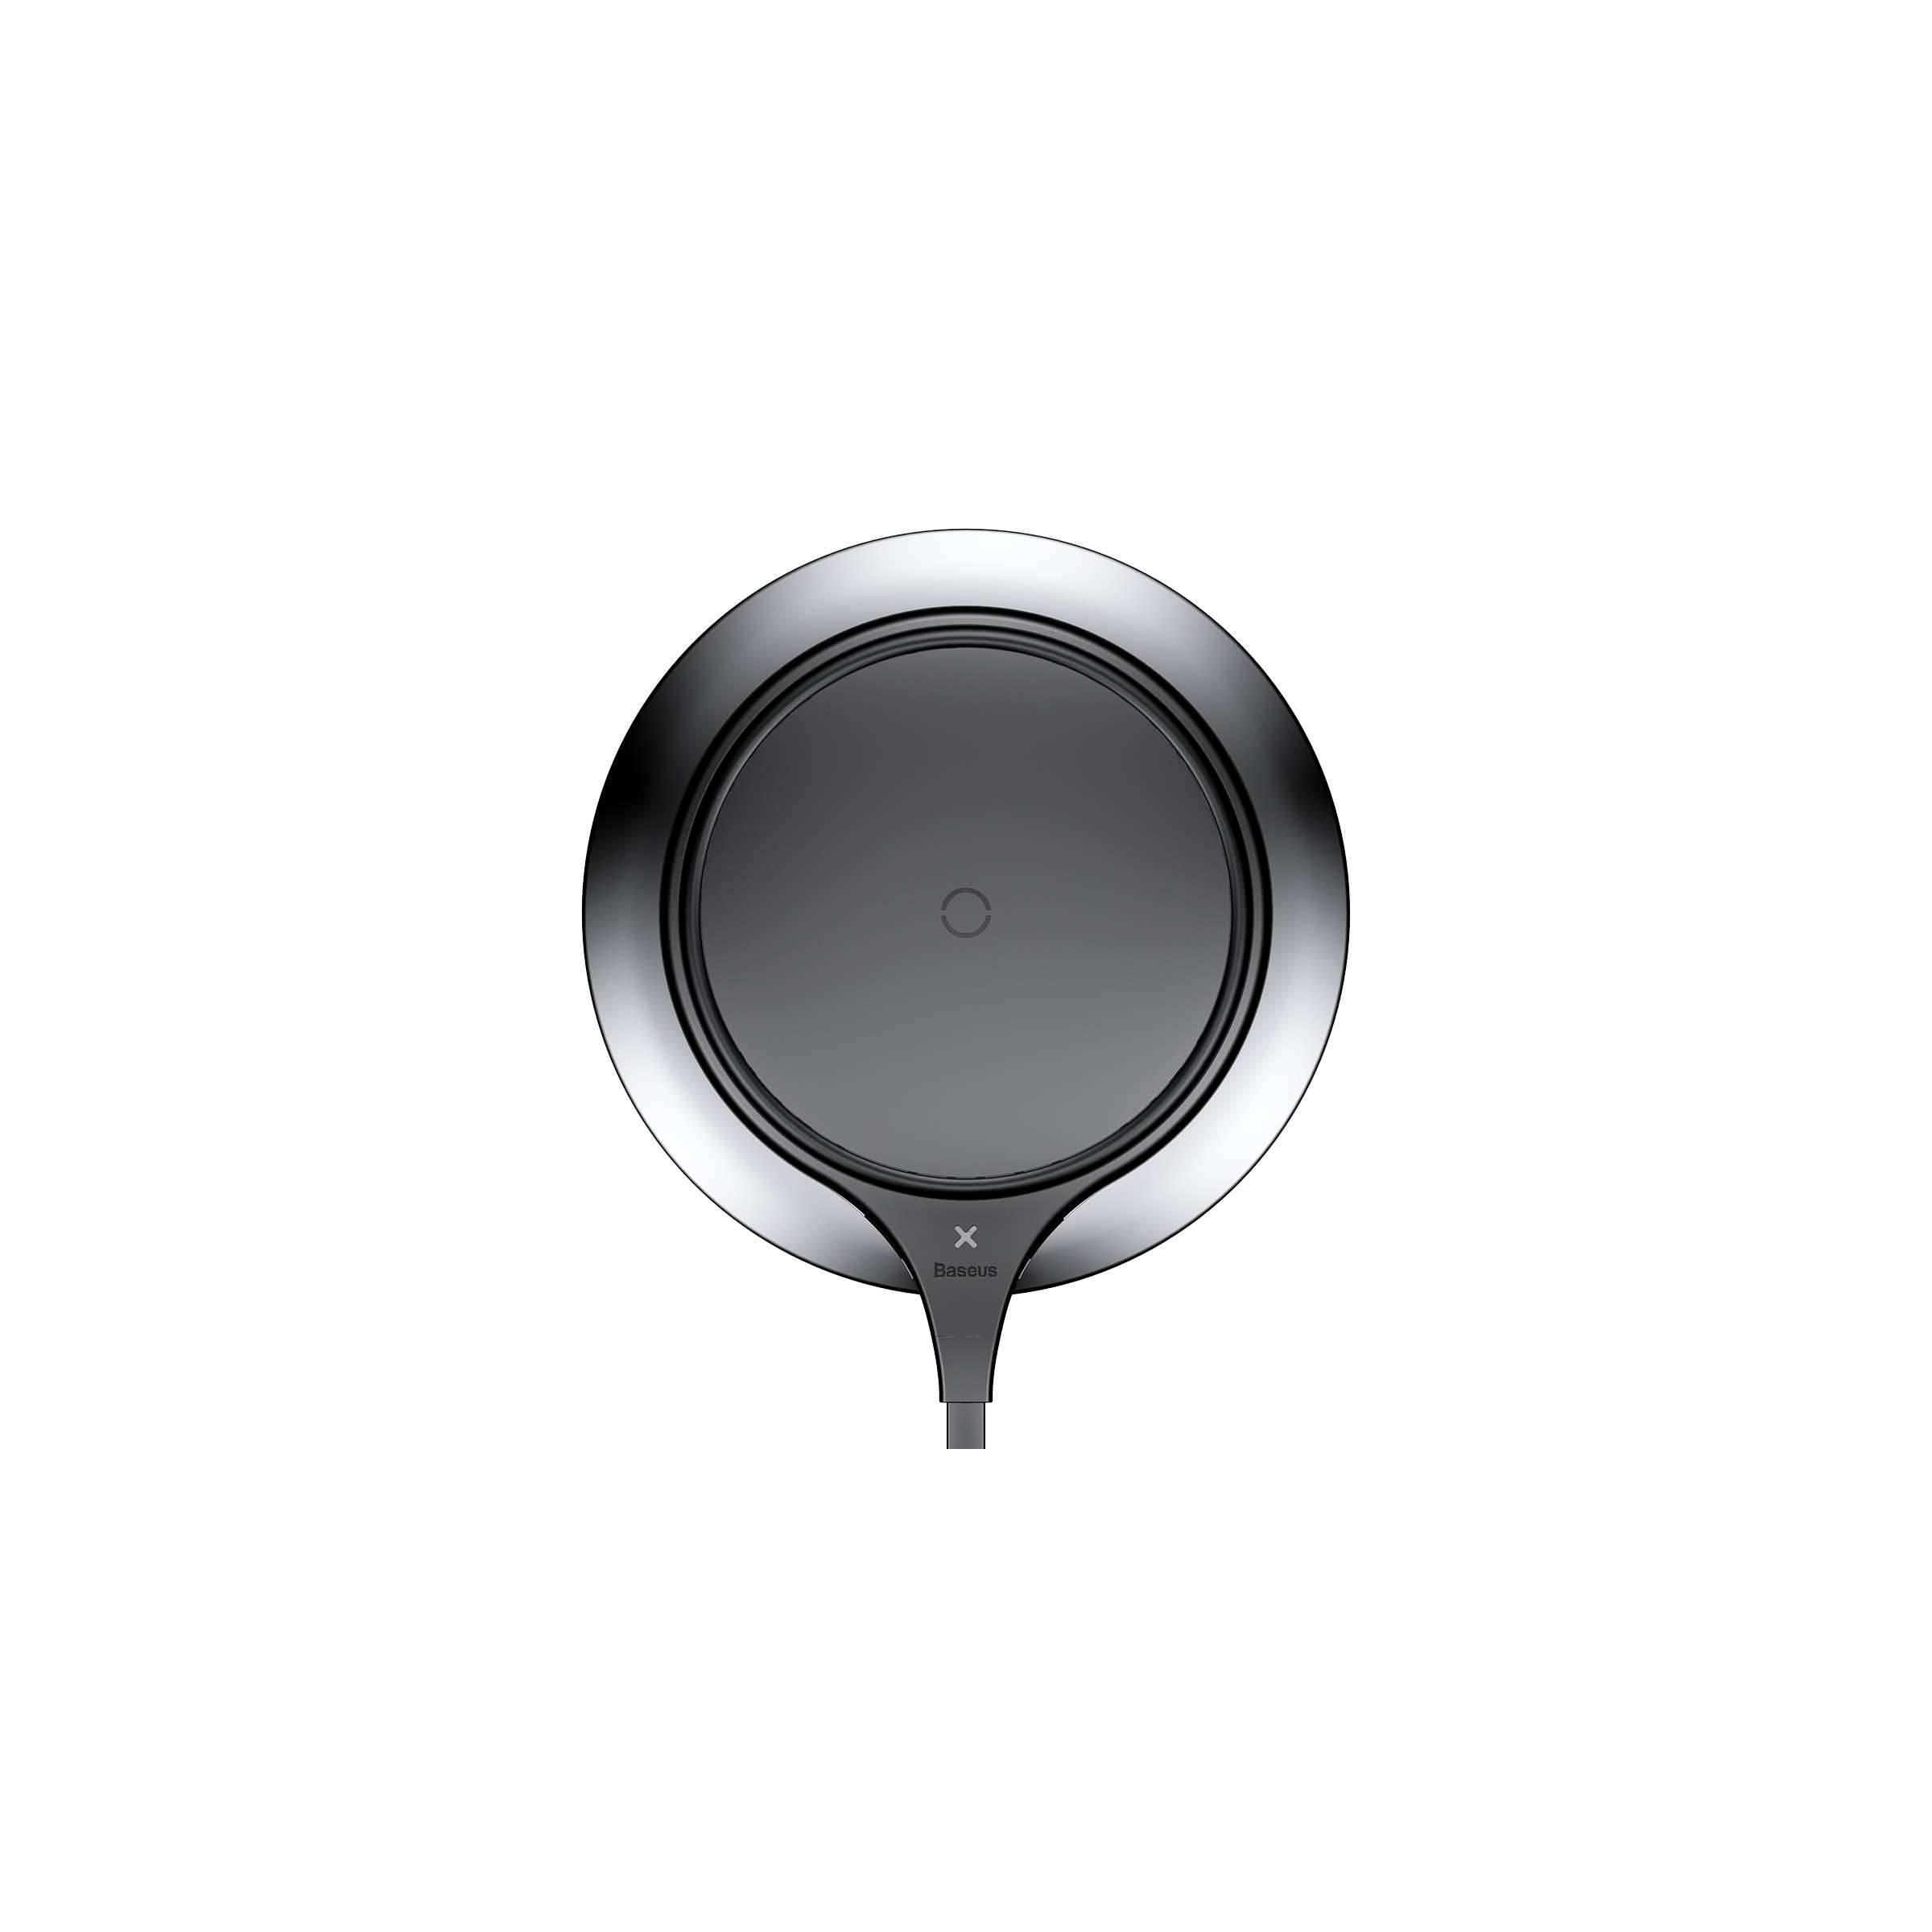 Billede af Baseus Trådløs oplader plade i Zinc alloy til iPhone 7,5W Sort/Hvid